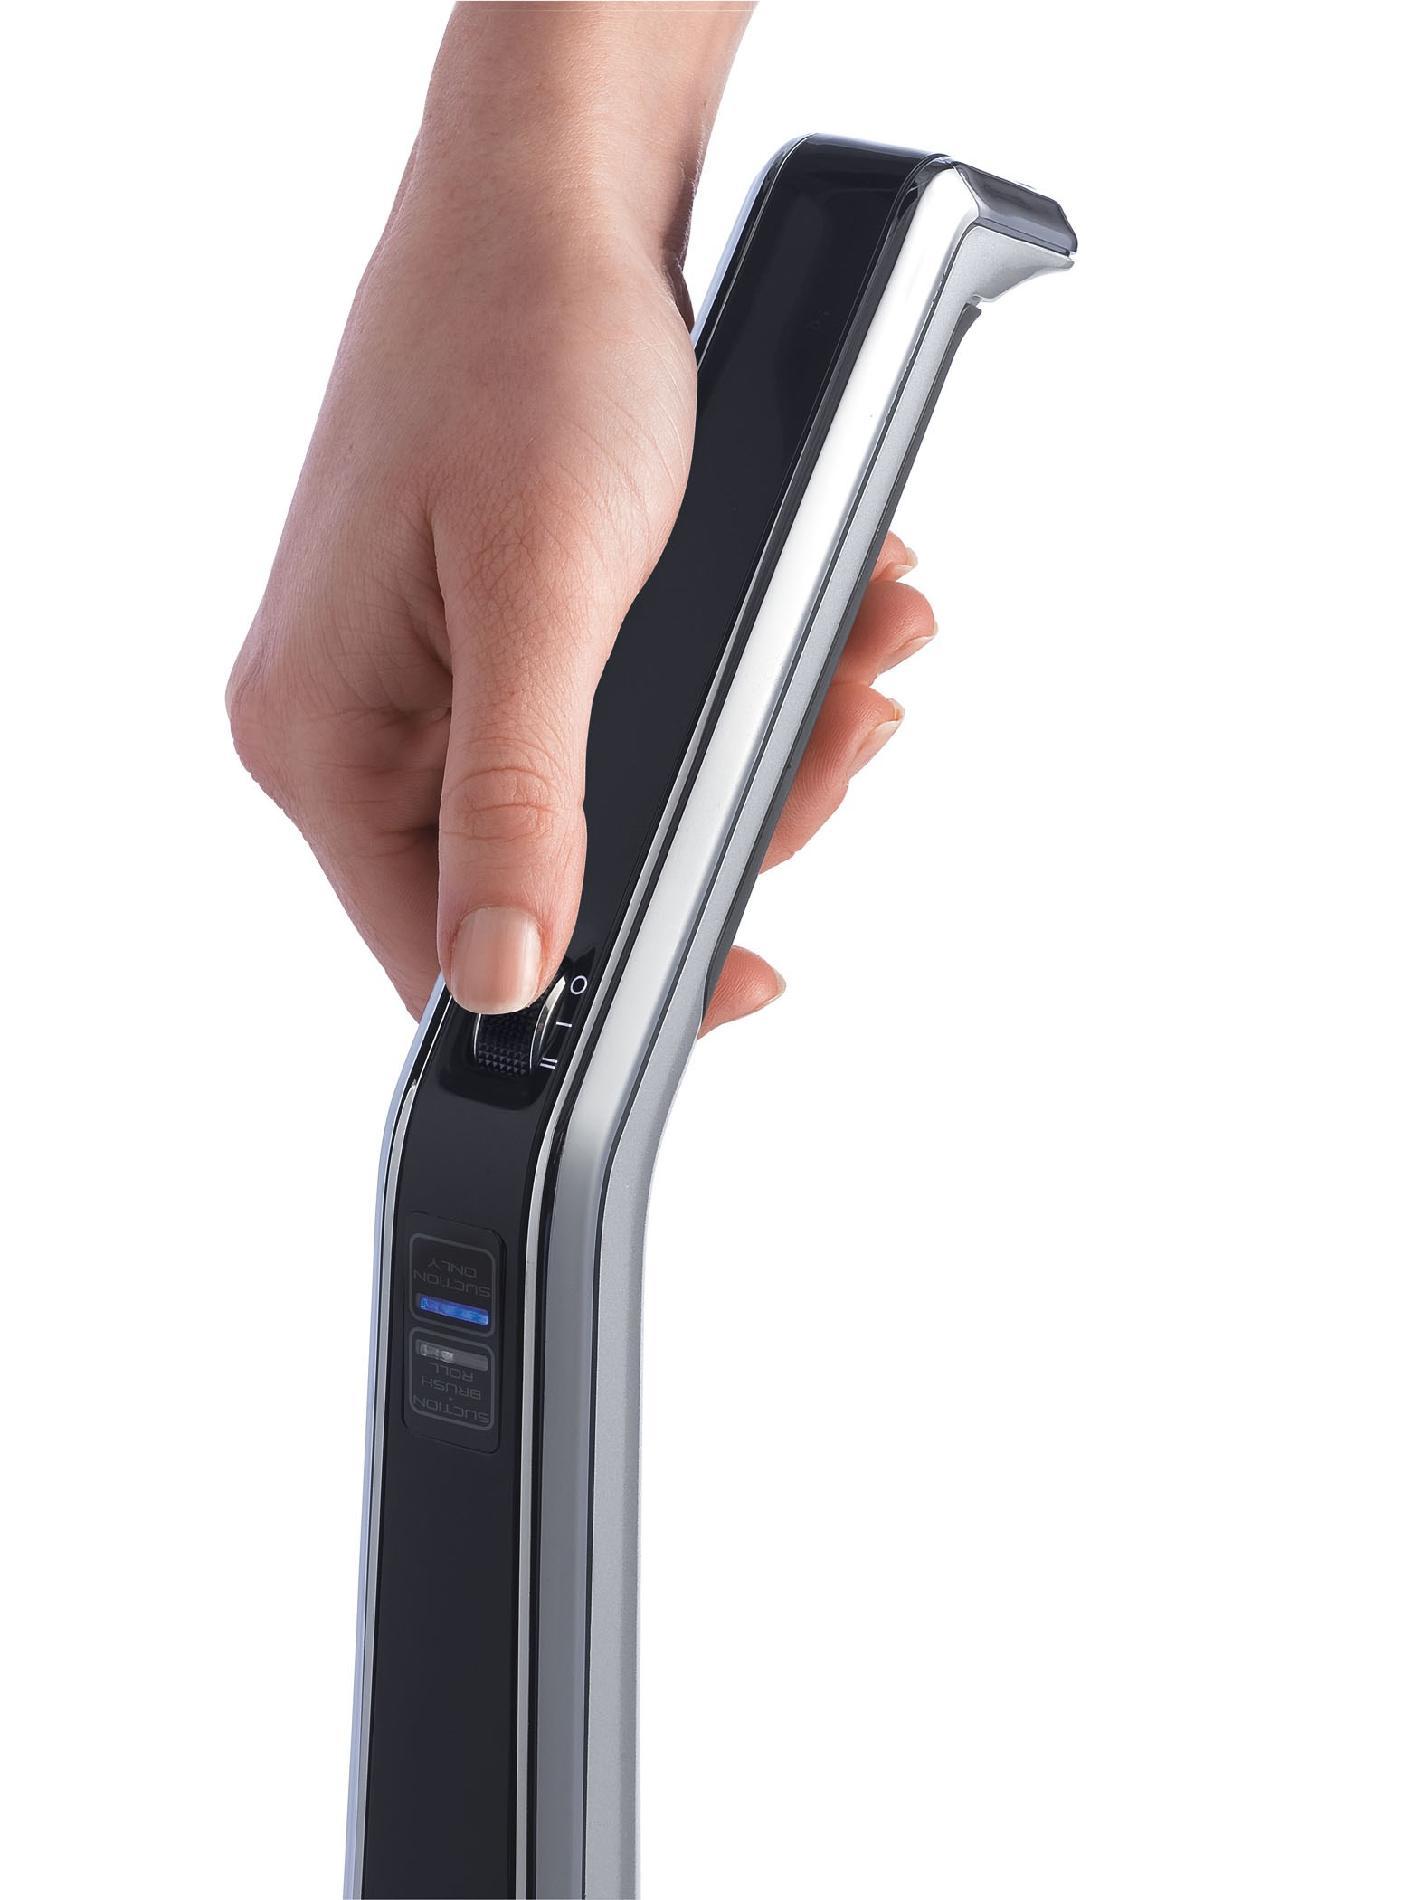 Hoover Platinum LiNX Stick Vacuum Cleaner